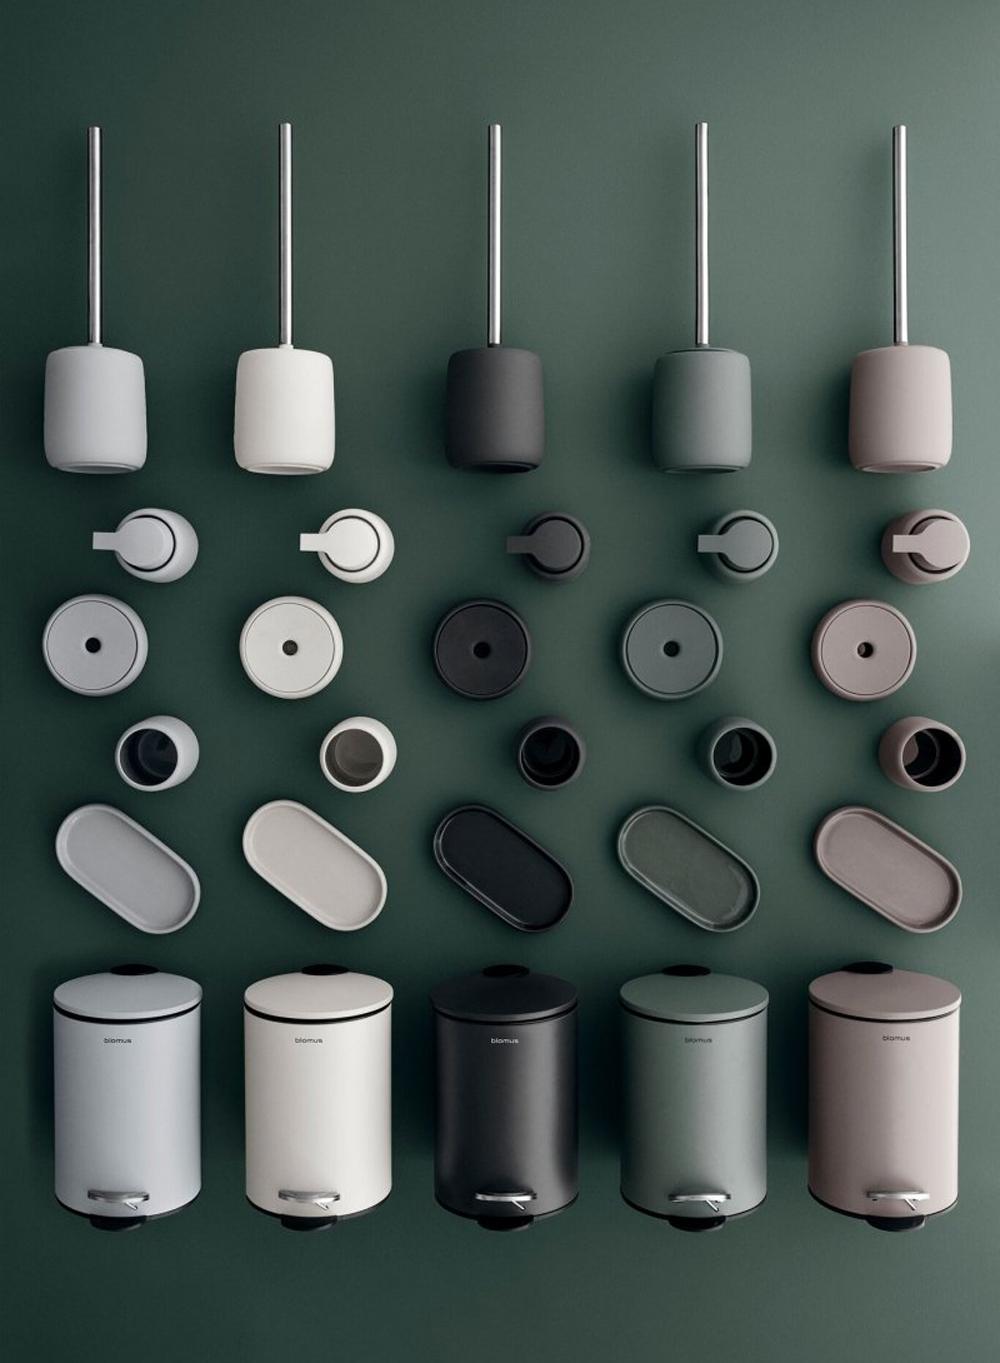 Kleurrijke accessoires voor op de wc van Blomus.